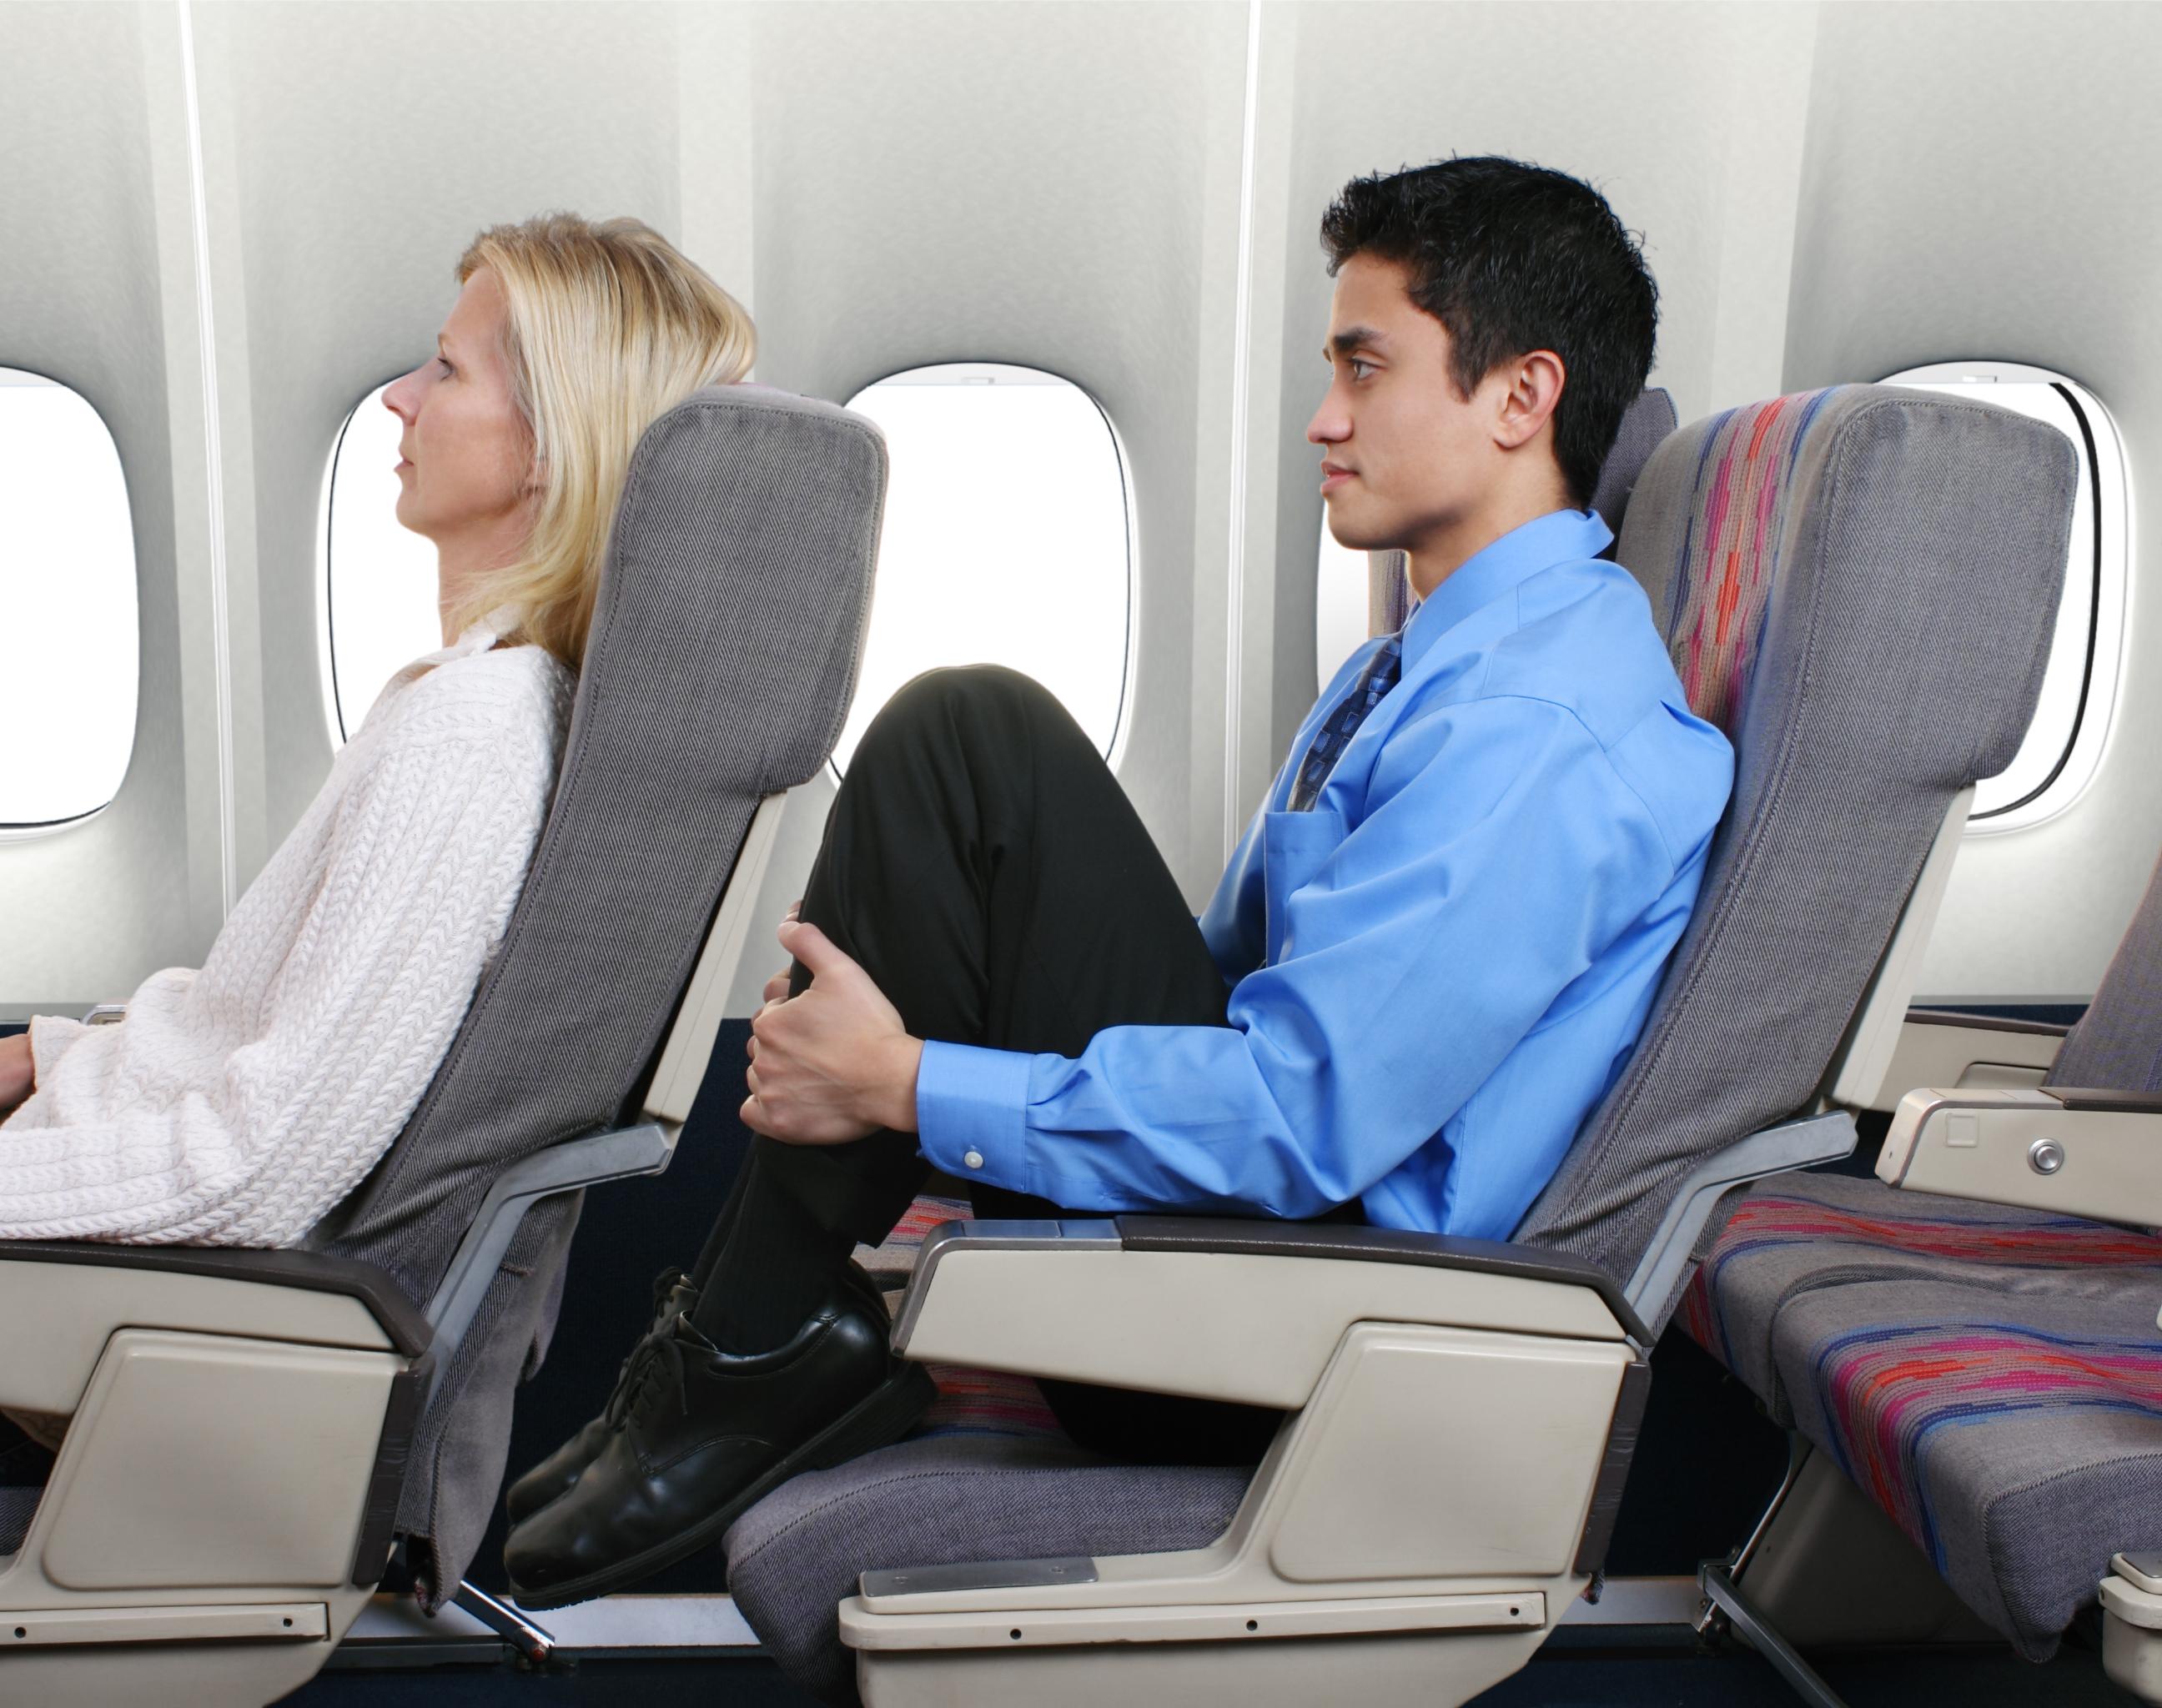 cramped airplane seats